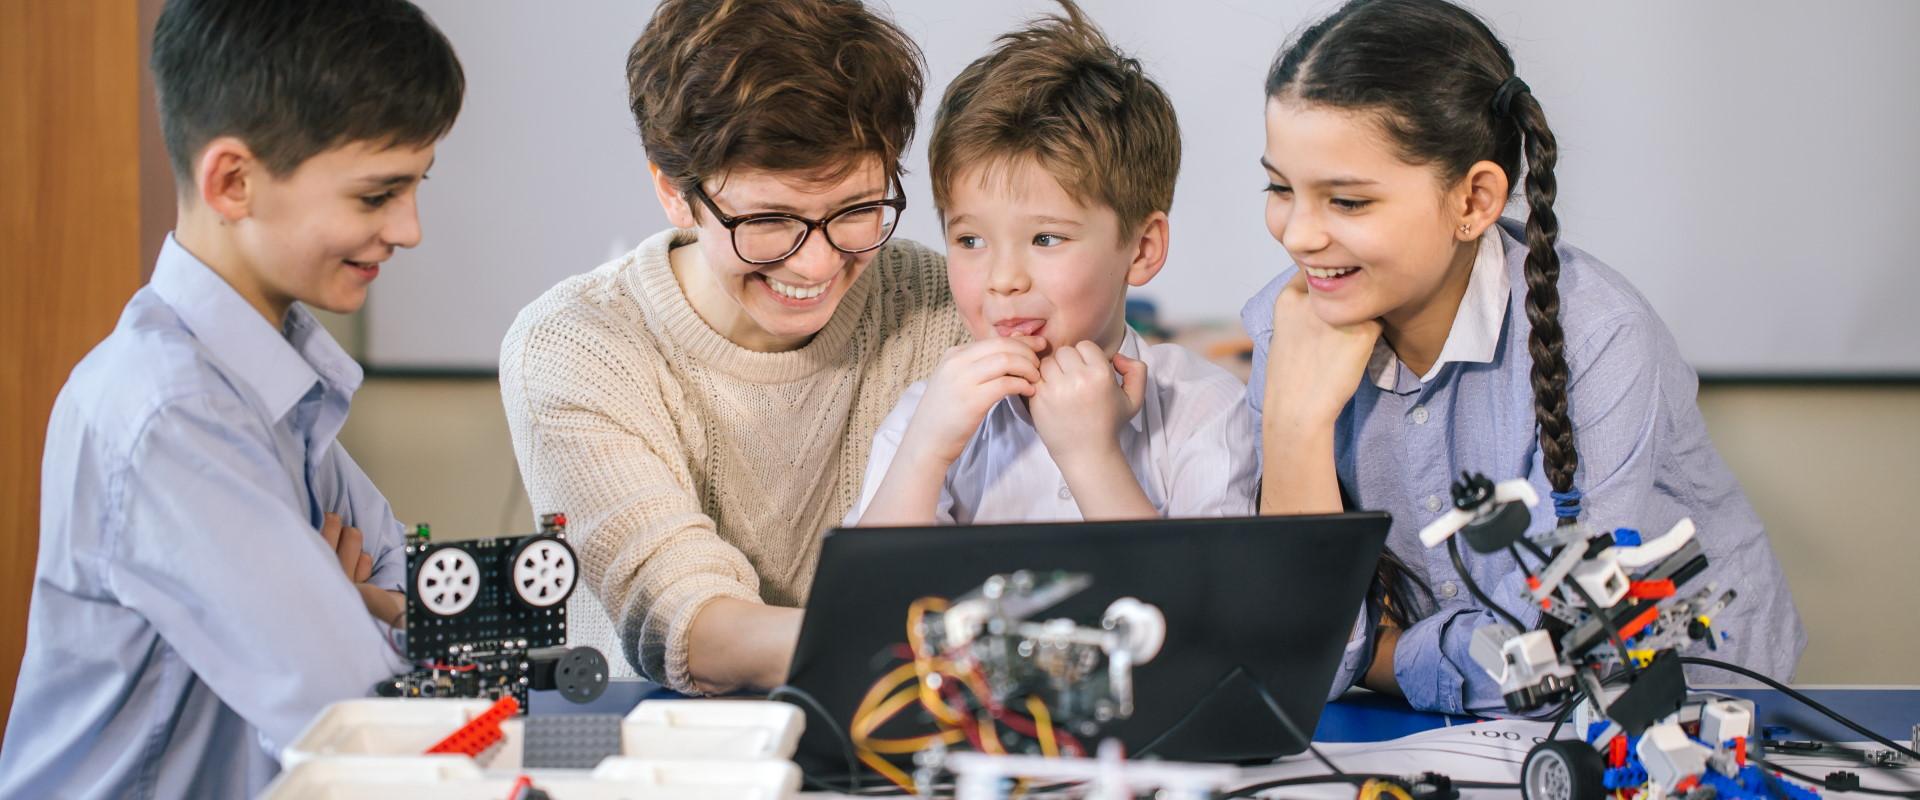 Tres infants aprenent tecnologia amb una dona